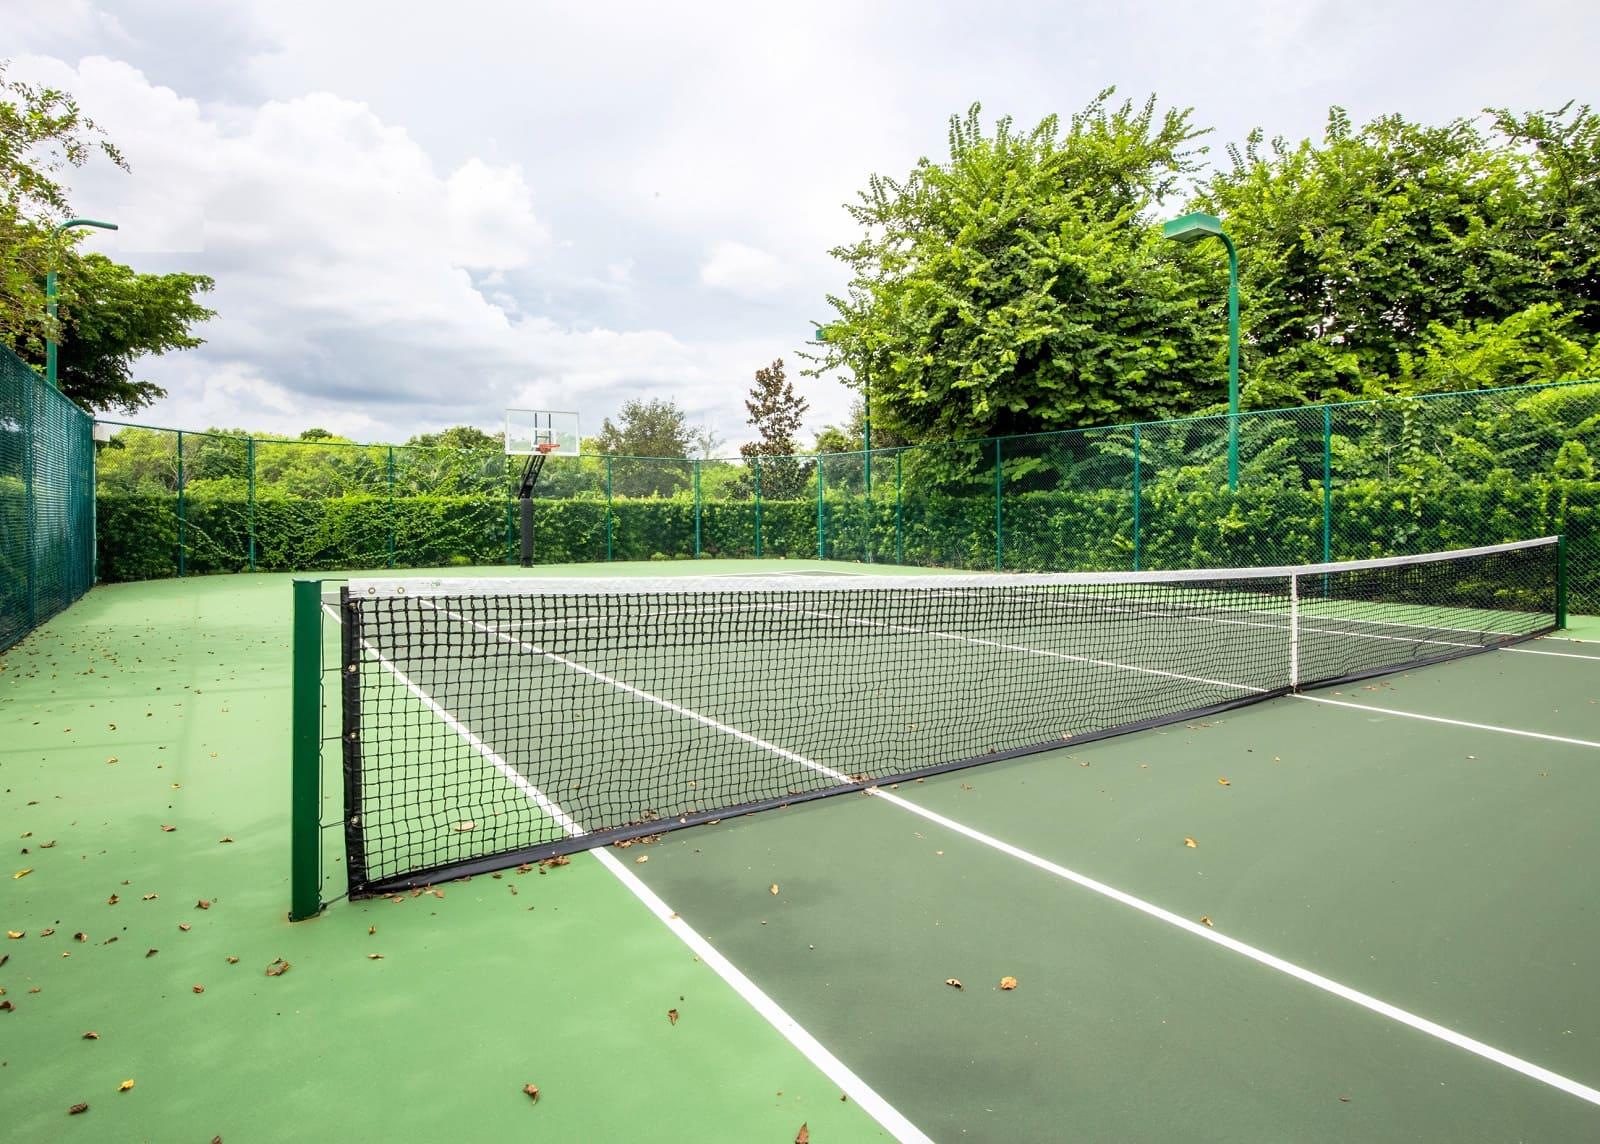 Центральная линия для теннисной сетки